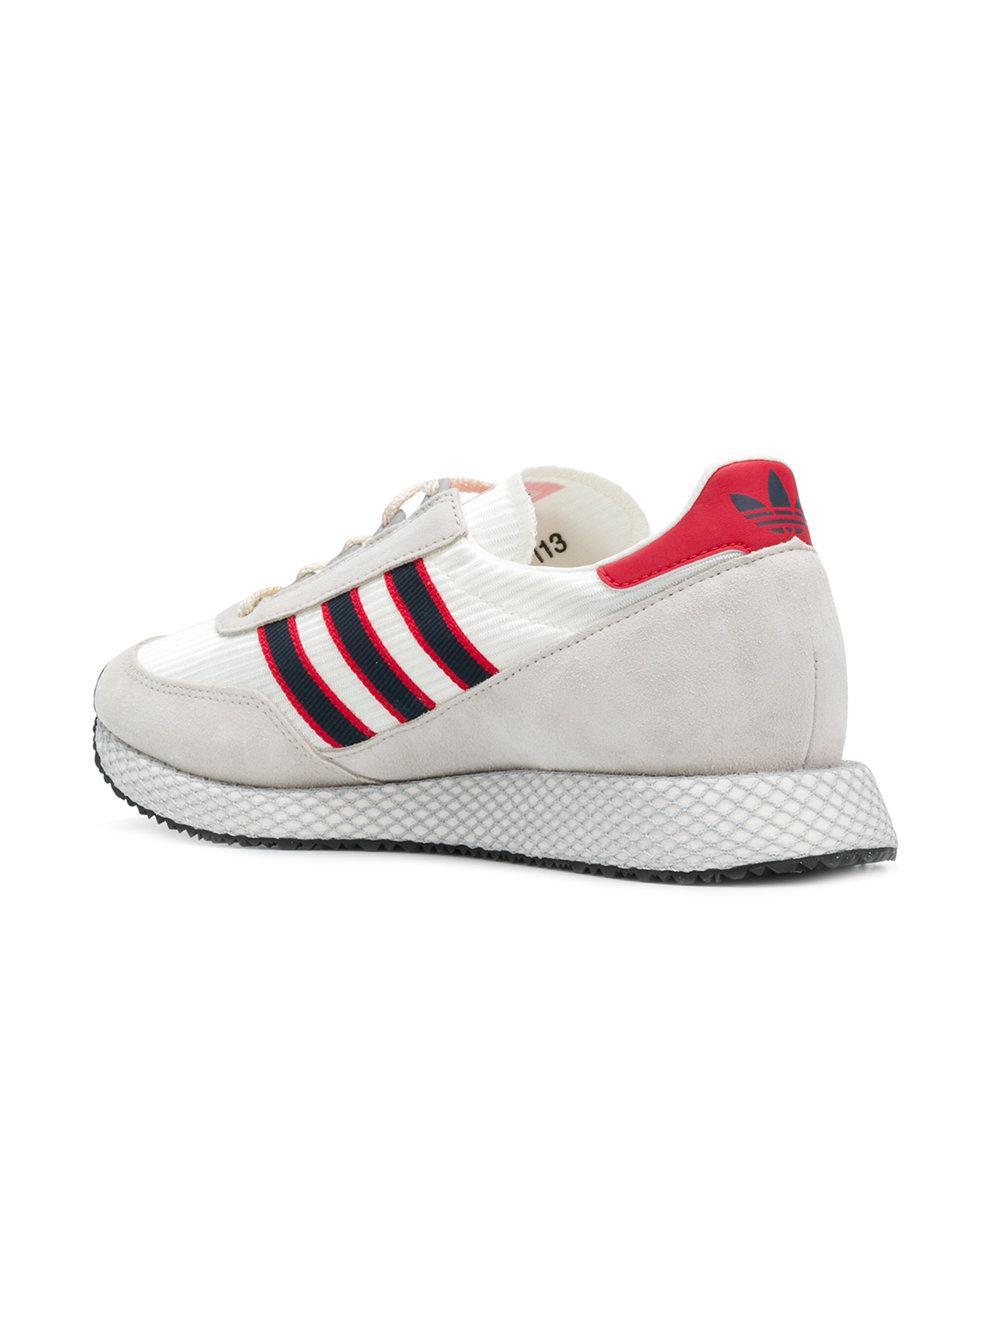 lyst adidas originali glenbuck spzl scarpe bianche per gli uomini.